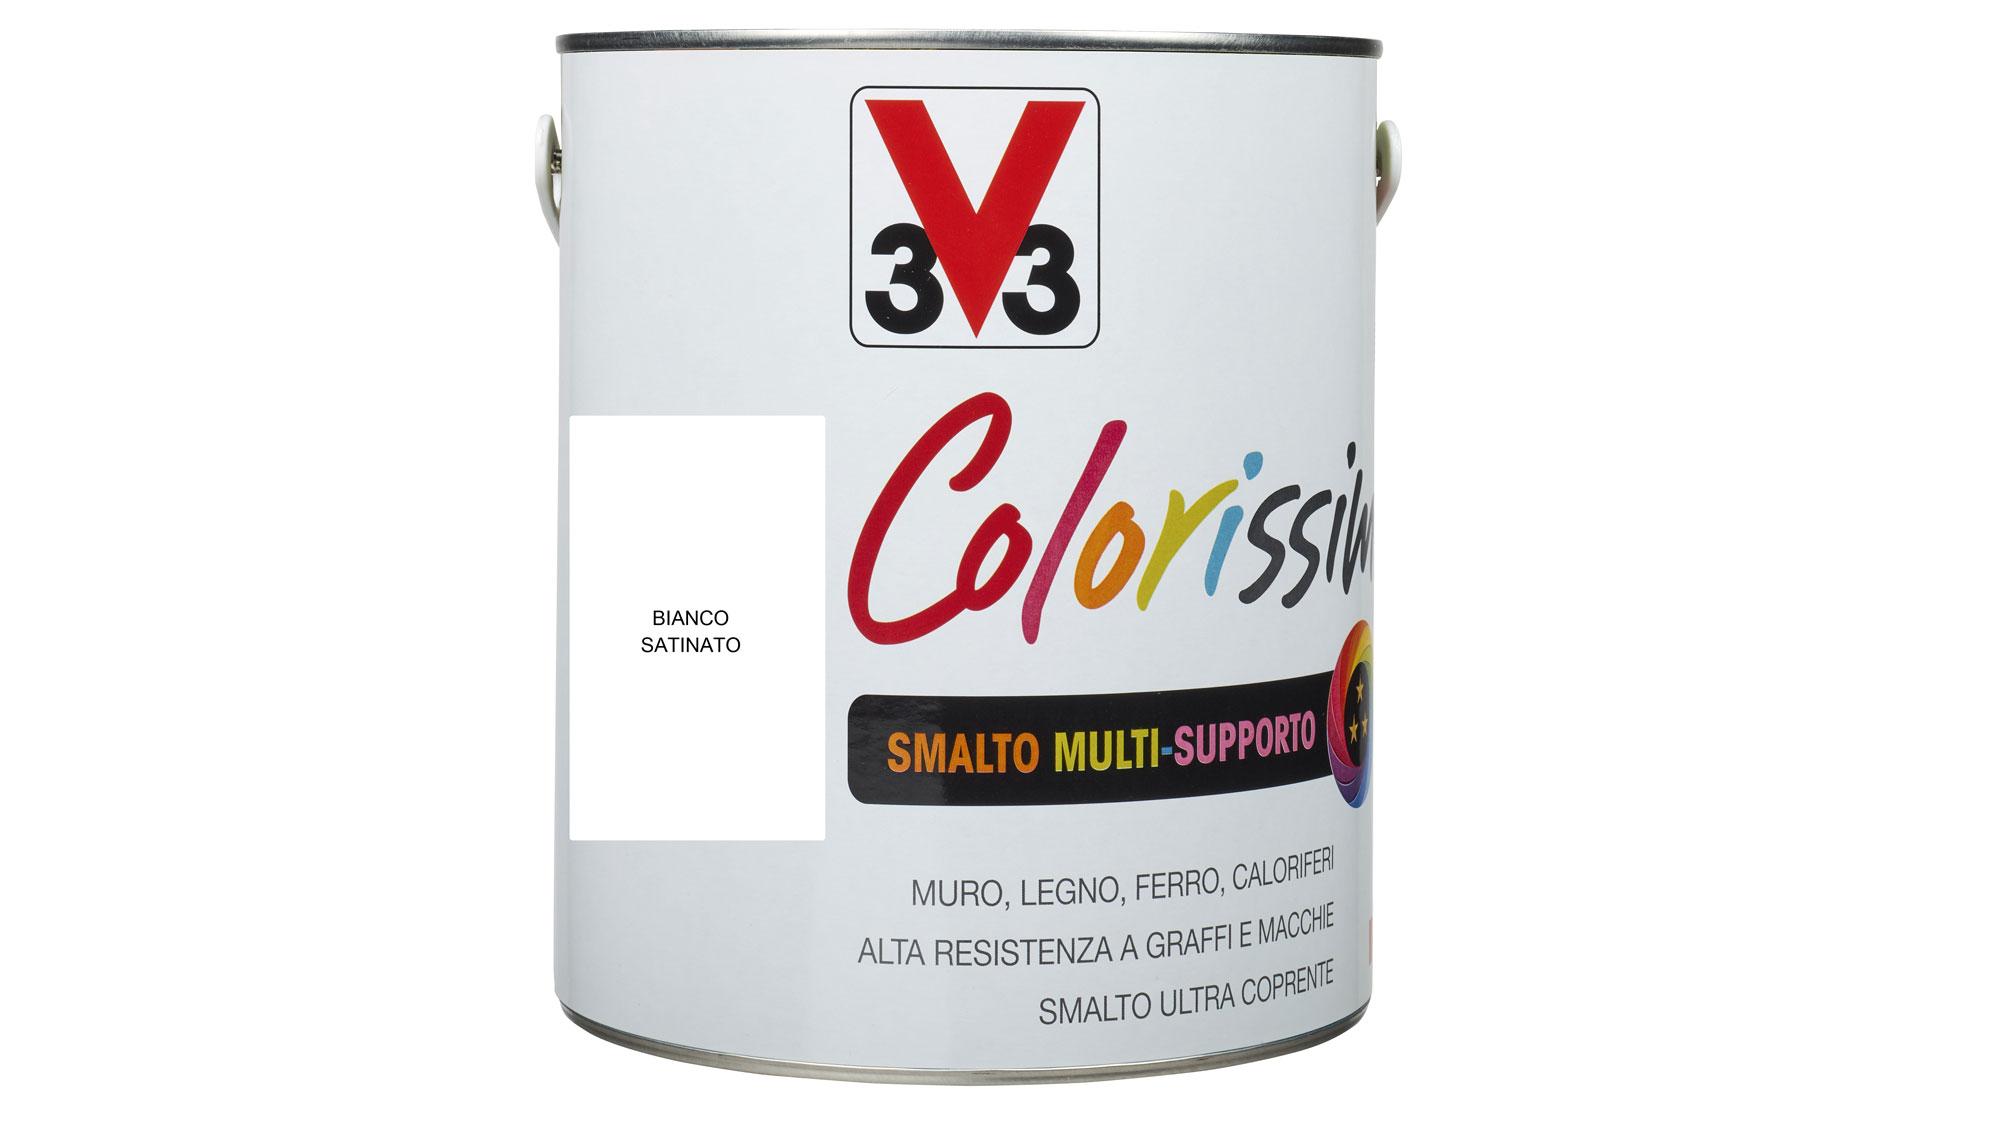 Smalto all'acqua multisupporto | La nuova gamma Colorissim di V33